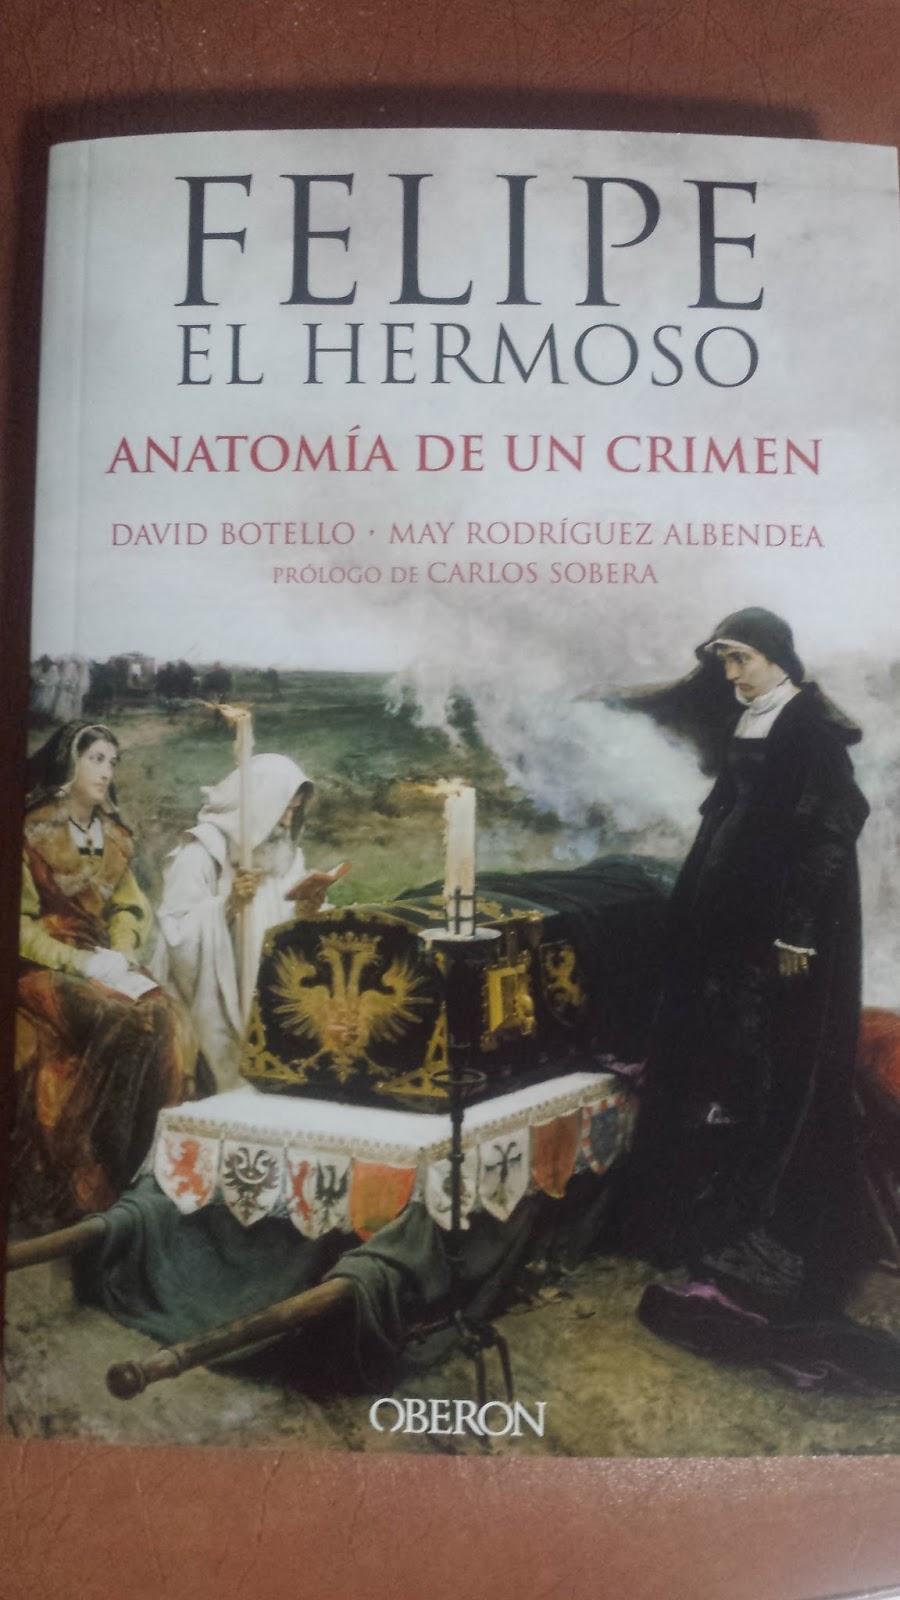 Cosas mías: #96 (15) Felipe el Hermoso. Anatomía de un crimen